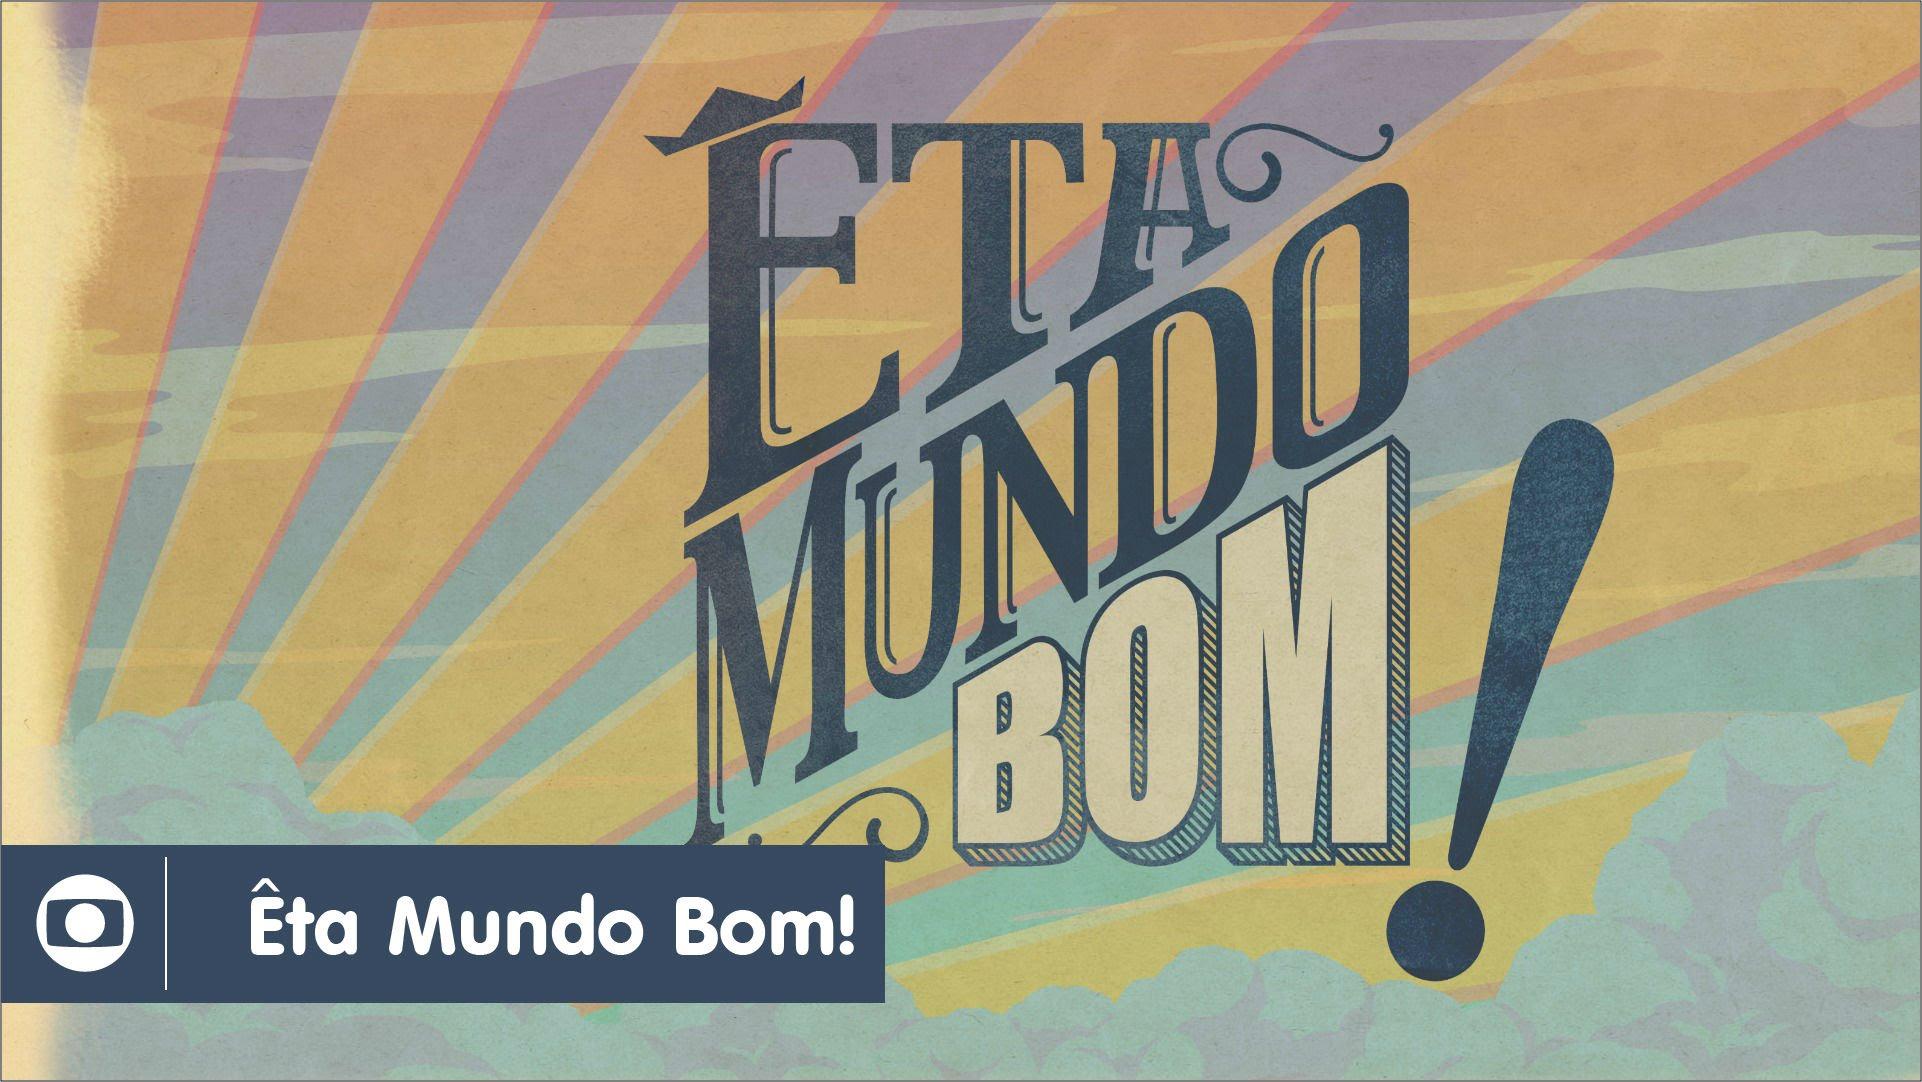 Eta Mundo Bom Conheça A História De «Êta Mundo Bom»